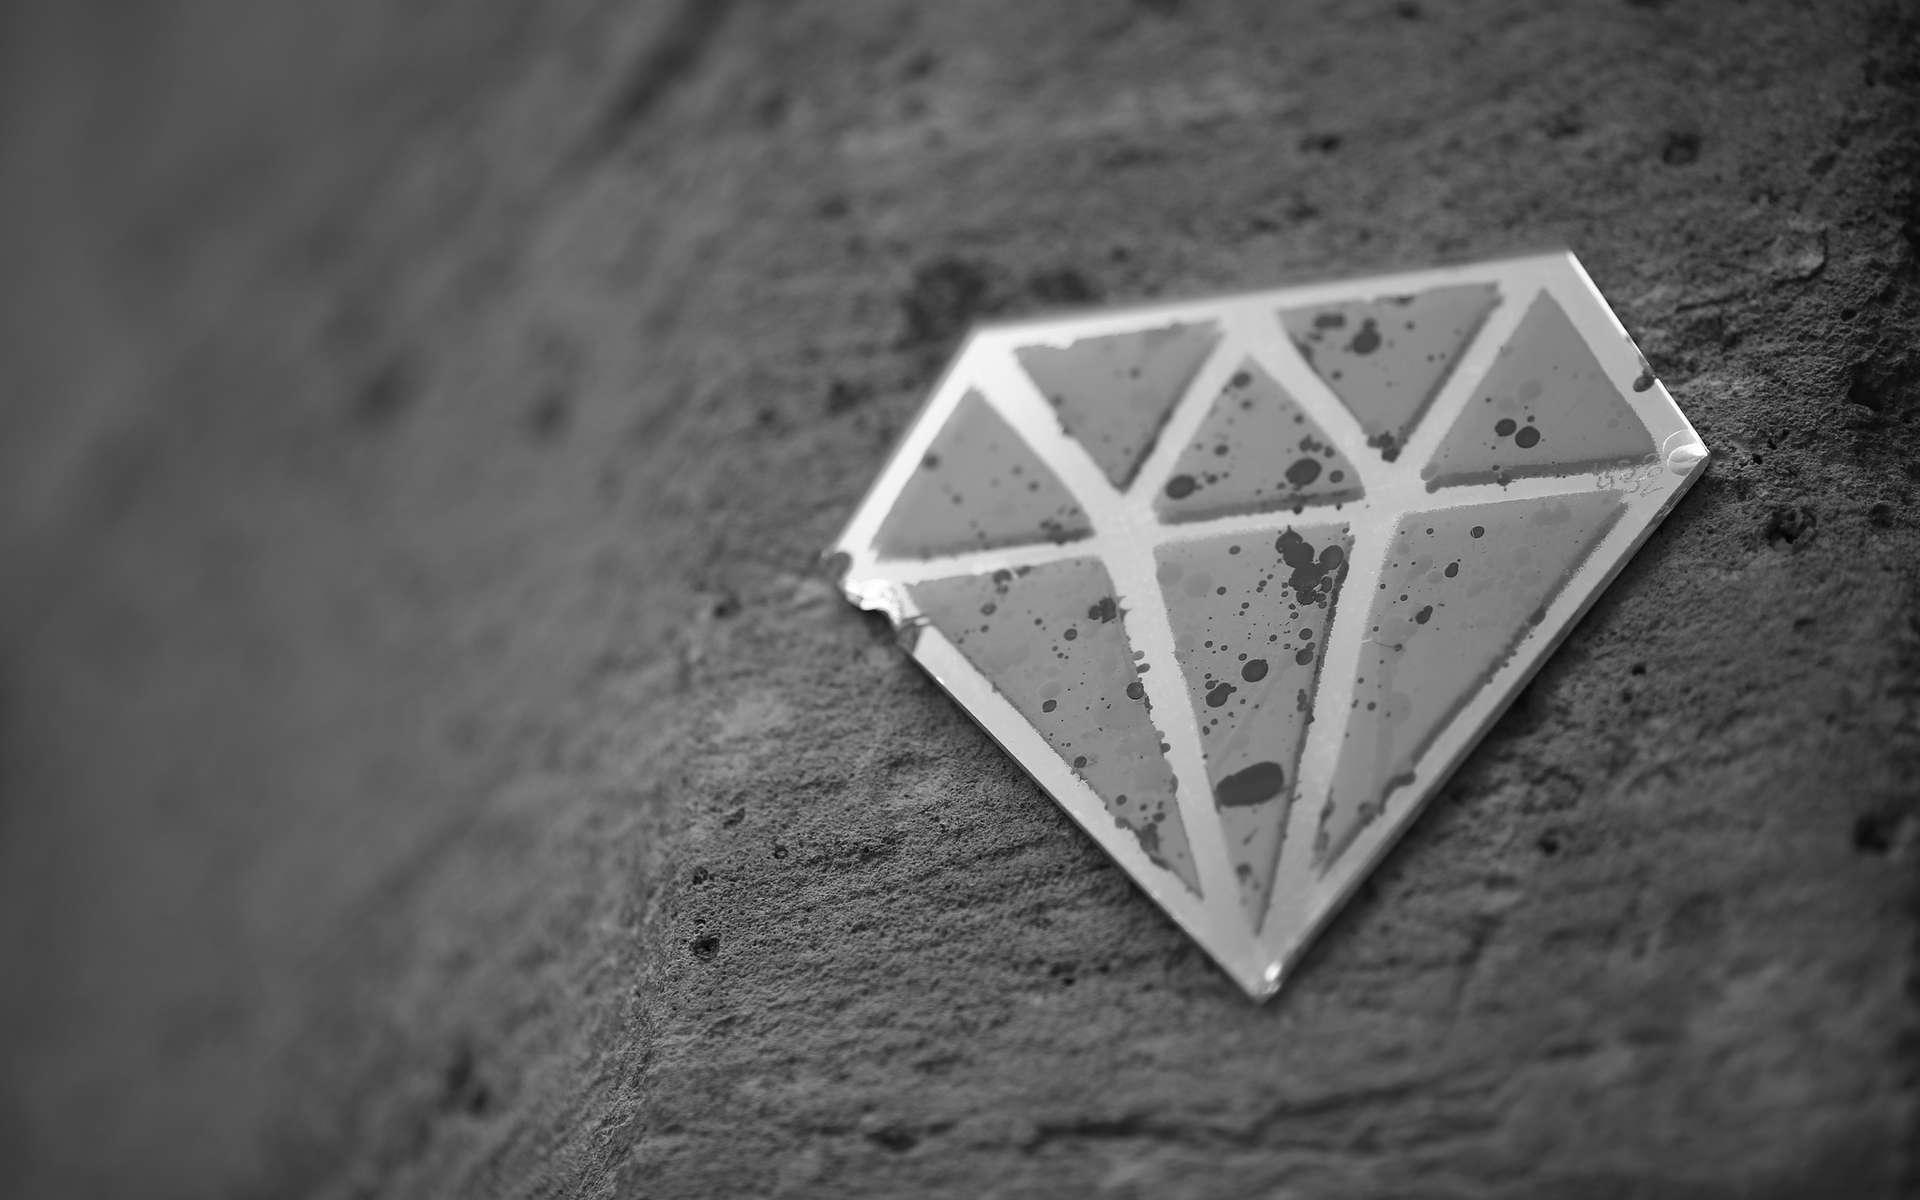 Le diamant est l'un des matériaux, dans son état solide, les plus durs qui soient. © Alexandre Dulaunoy, Flickr, CC by-sa 2.0